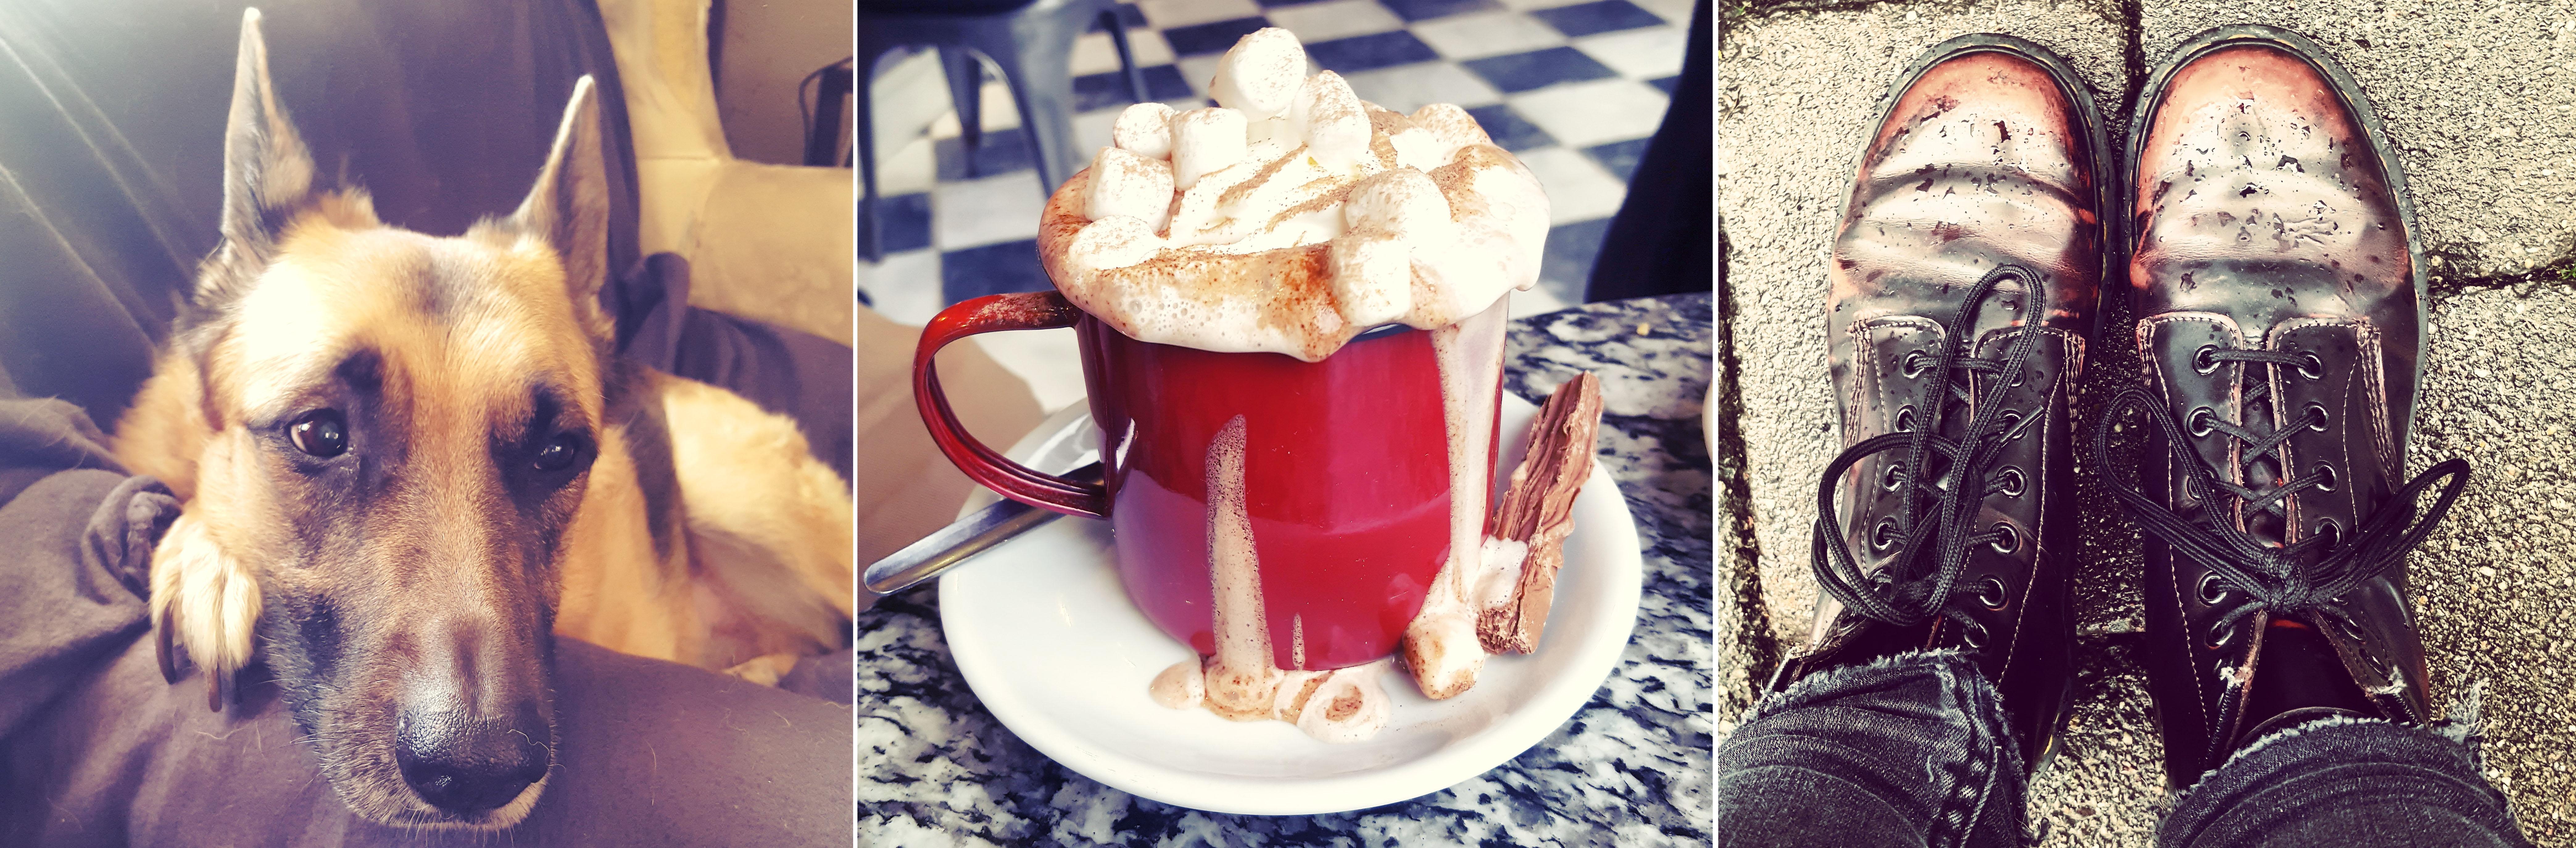 Roxy - Hot Chocolate - Dr Martens - December - The Last Krystallos